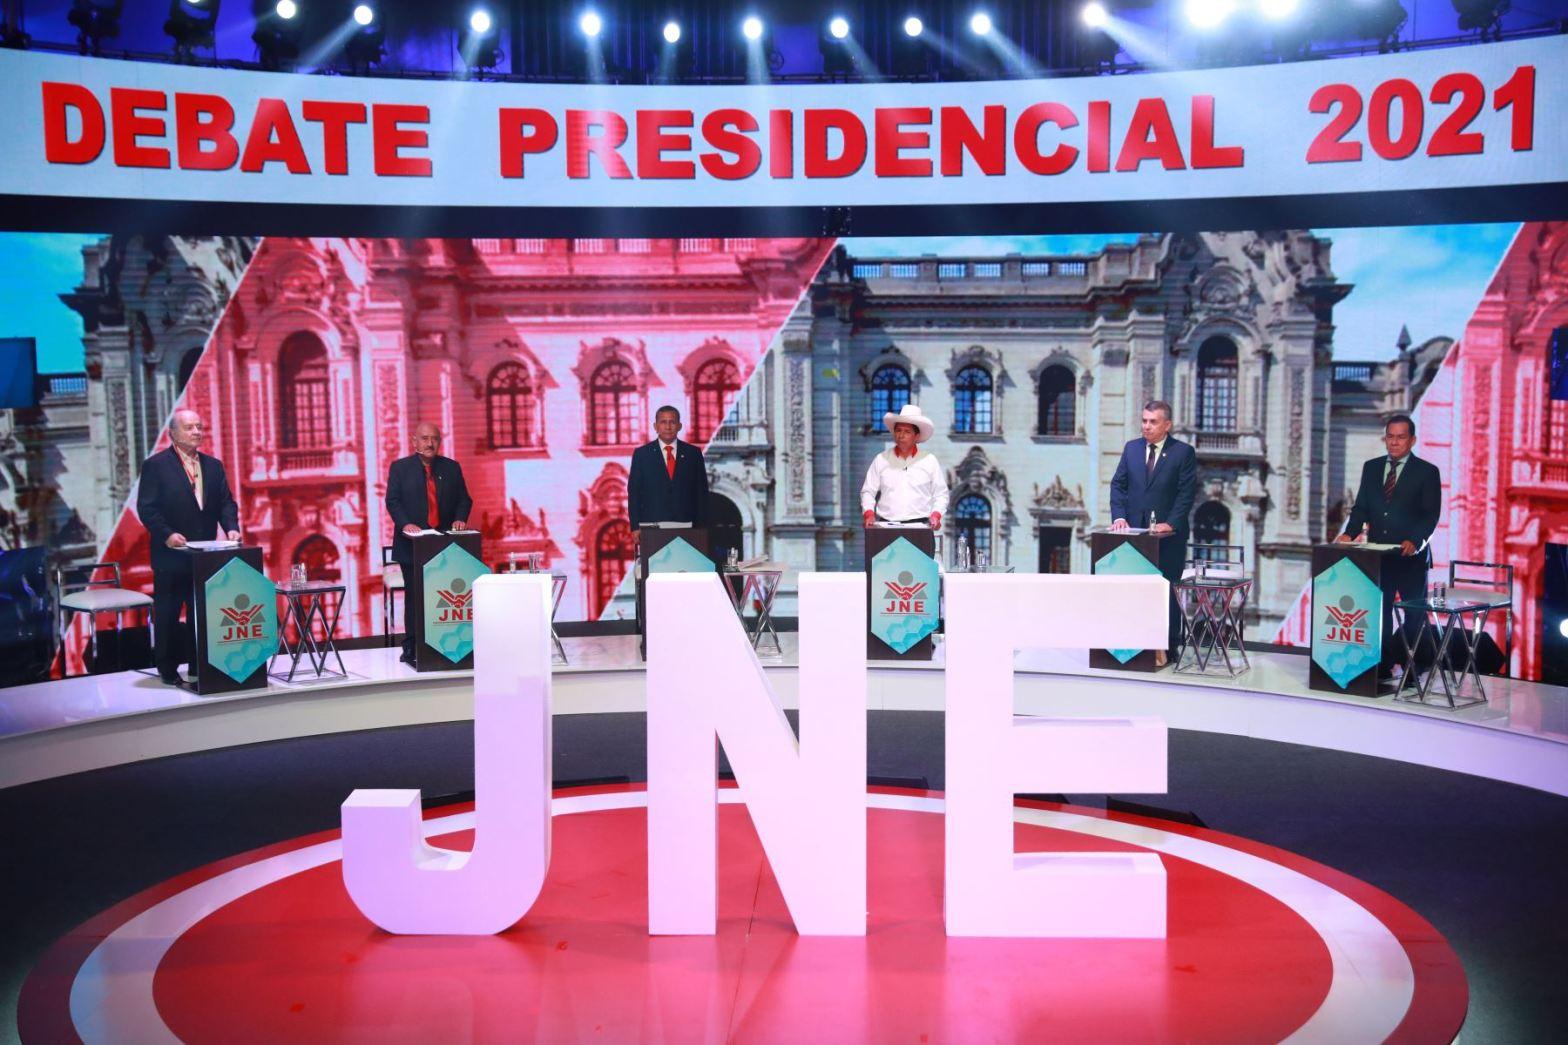 Segundo debate presidencial 2021